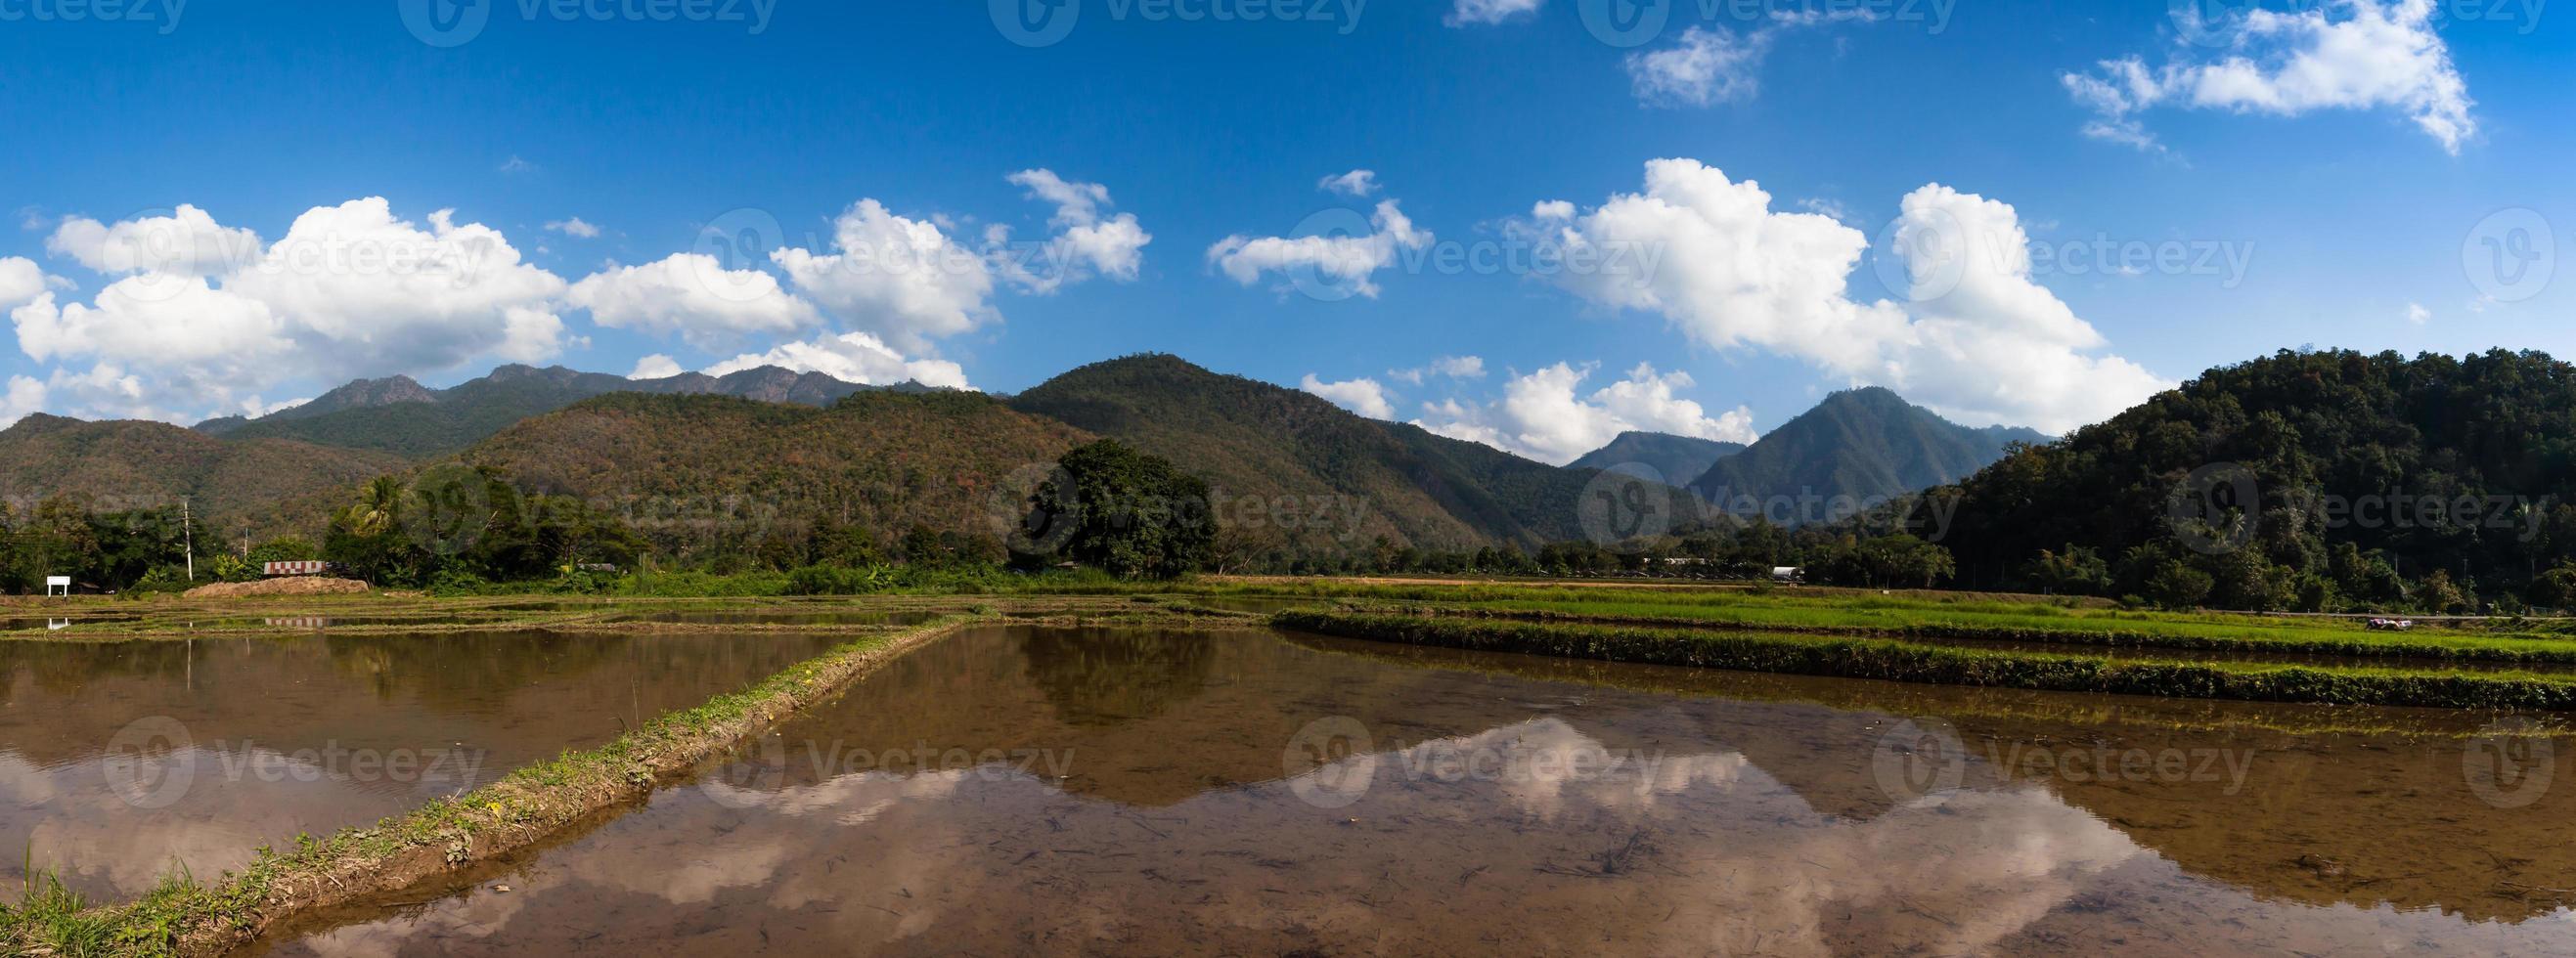 montagne e cielo riflessi nell'acqua foto